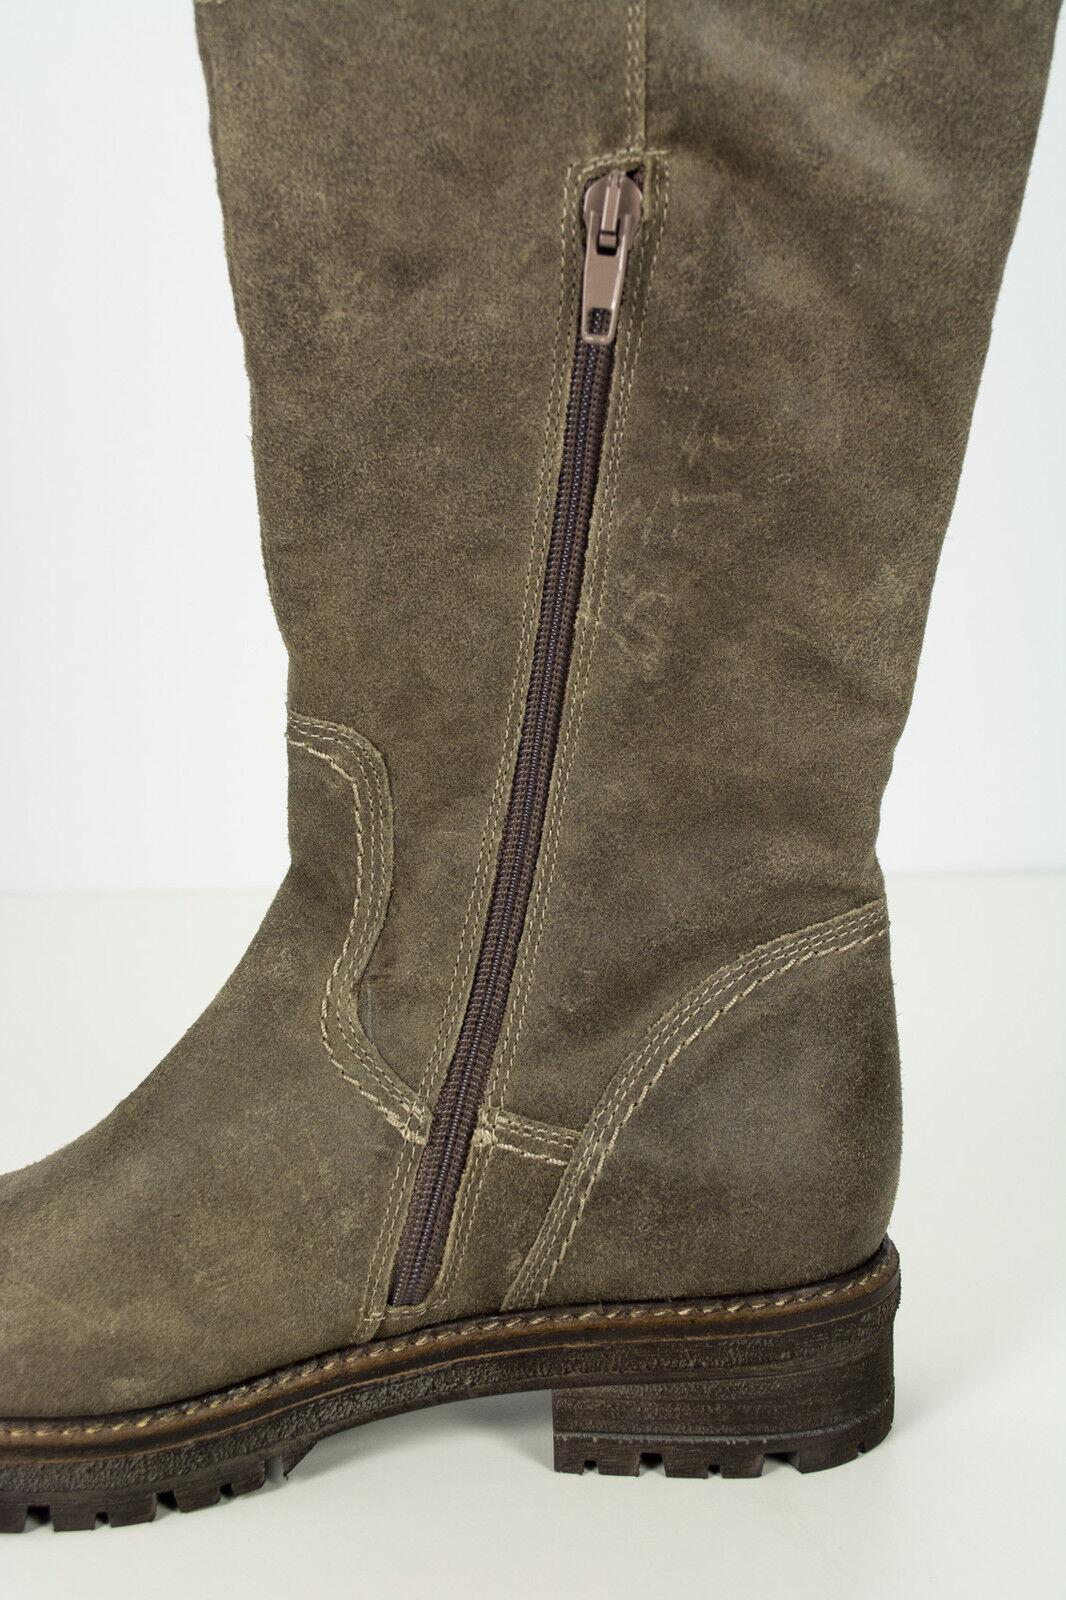 Winter Stiefel Leder 37  Grau Grau Grau Grau Kollektionsteil Wollfilz als Innenfutter 0be12a